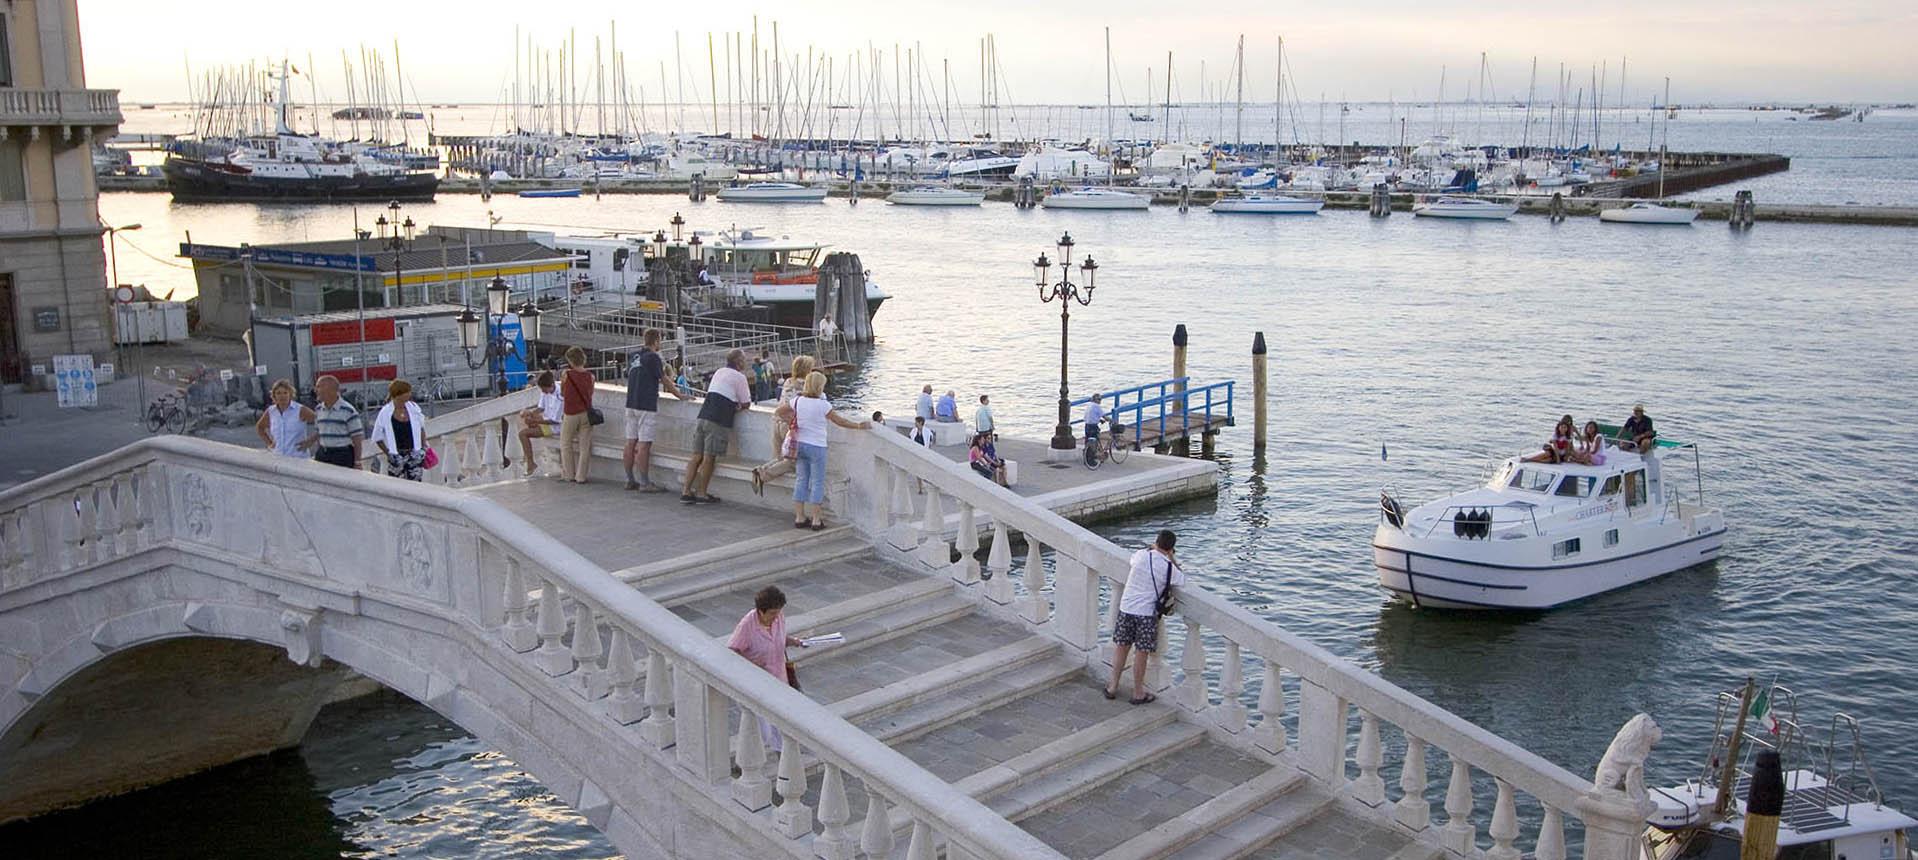 Bateau habitable rendez vous fantasia Pont de Chioggia Vigo